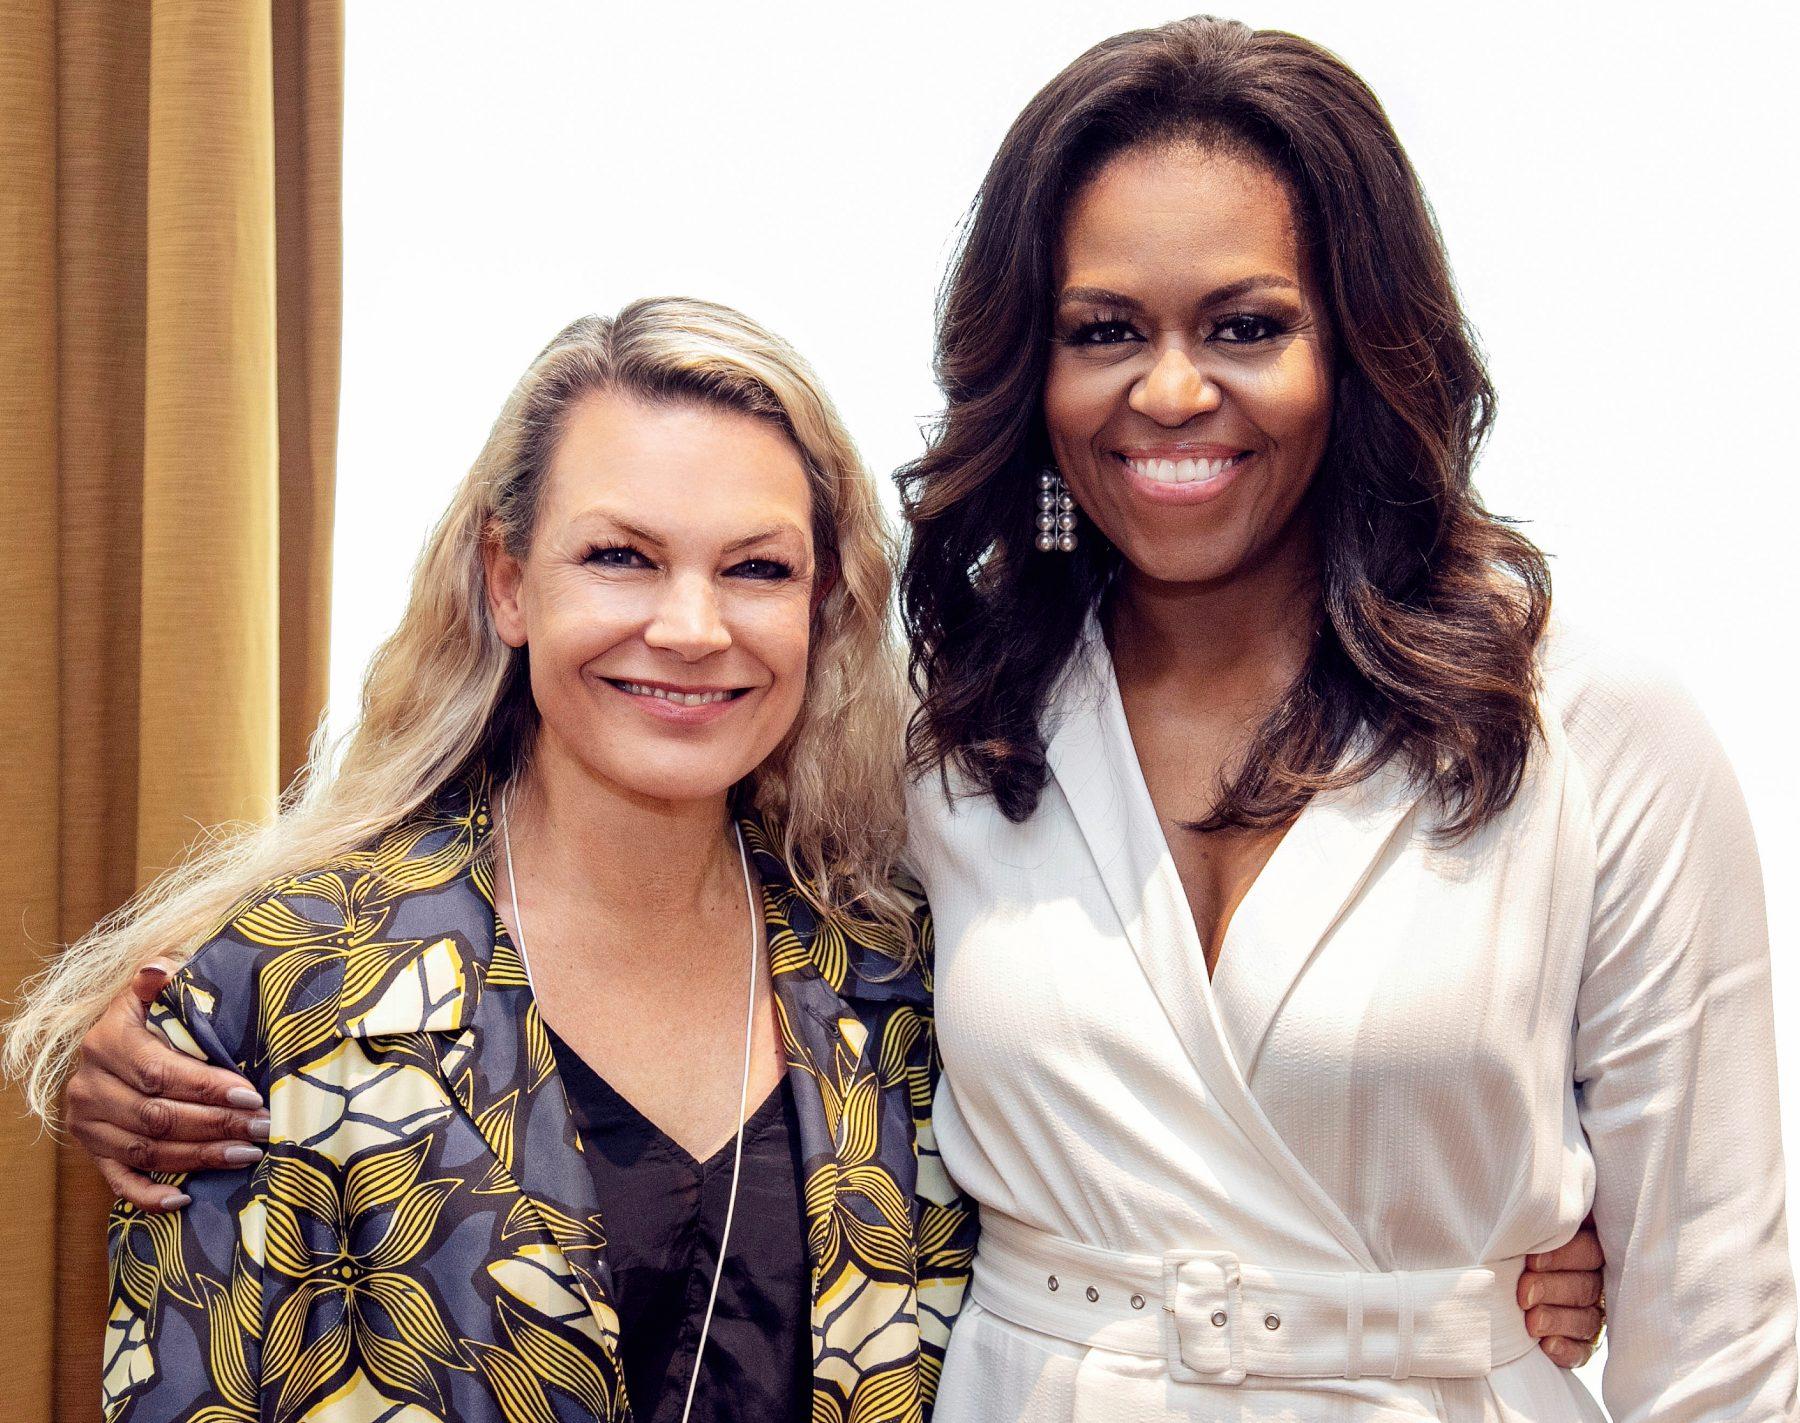 Michelle Obama met exclusief interview in LINDA.: 'Bekroning op ons jubileum'